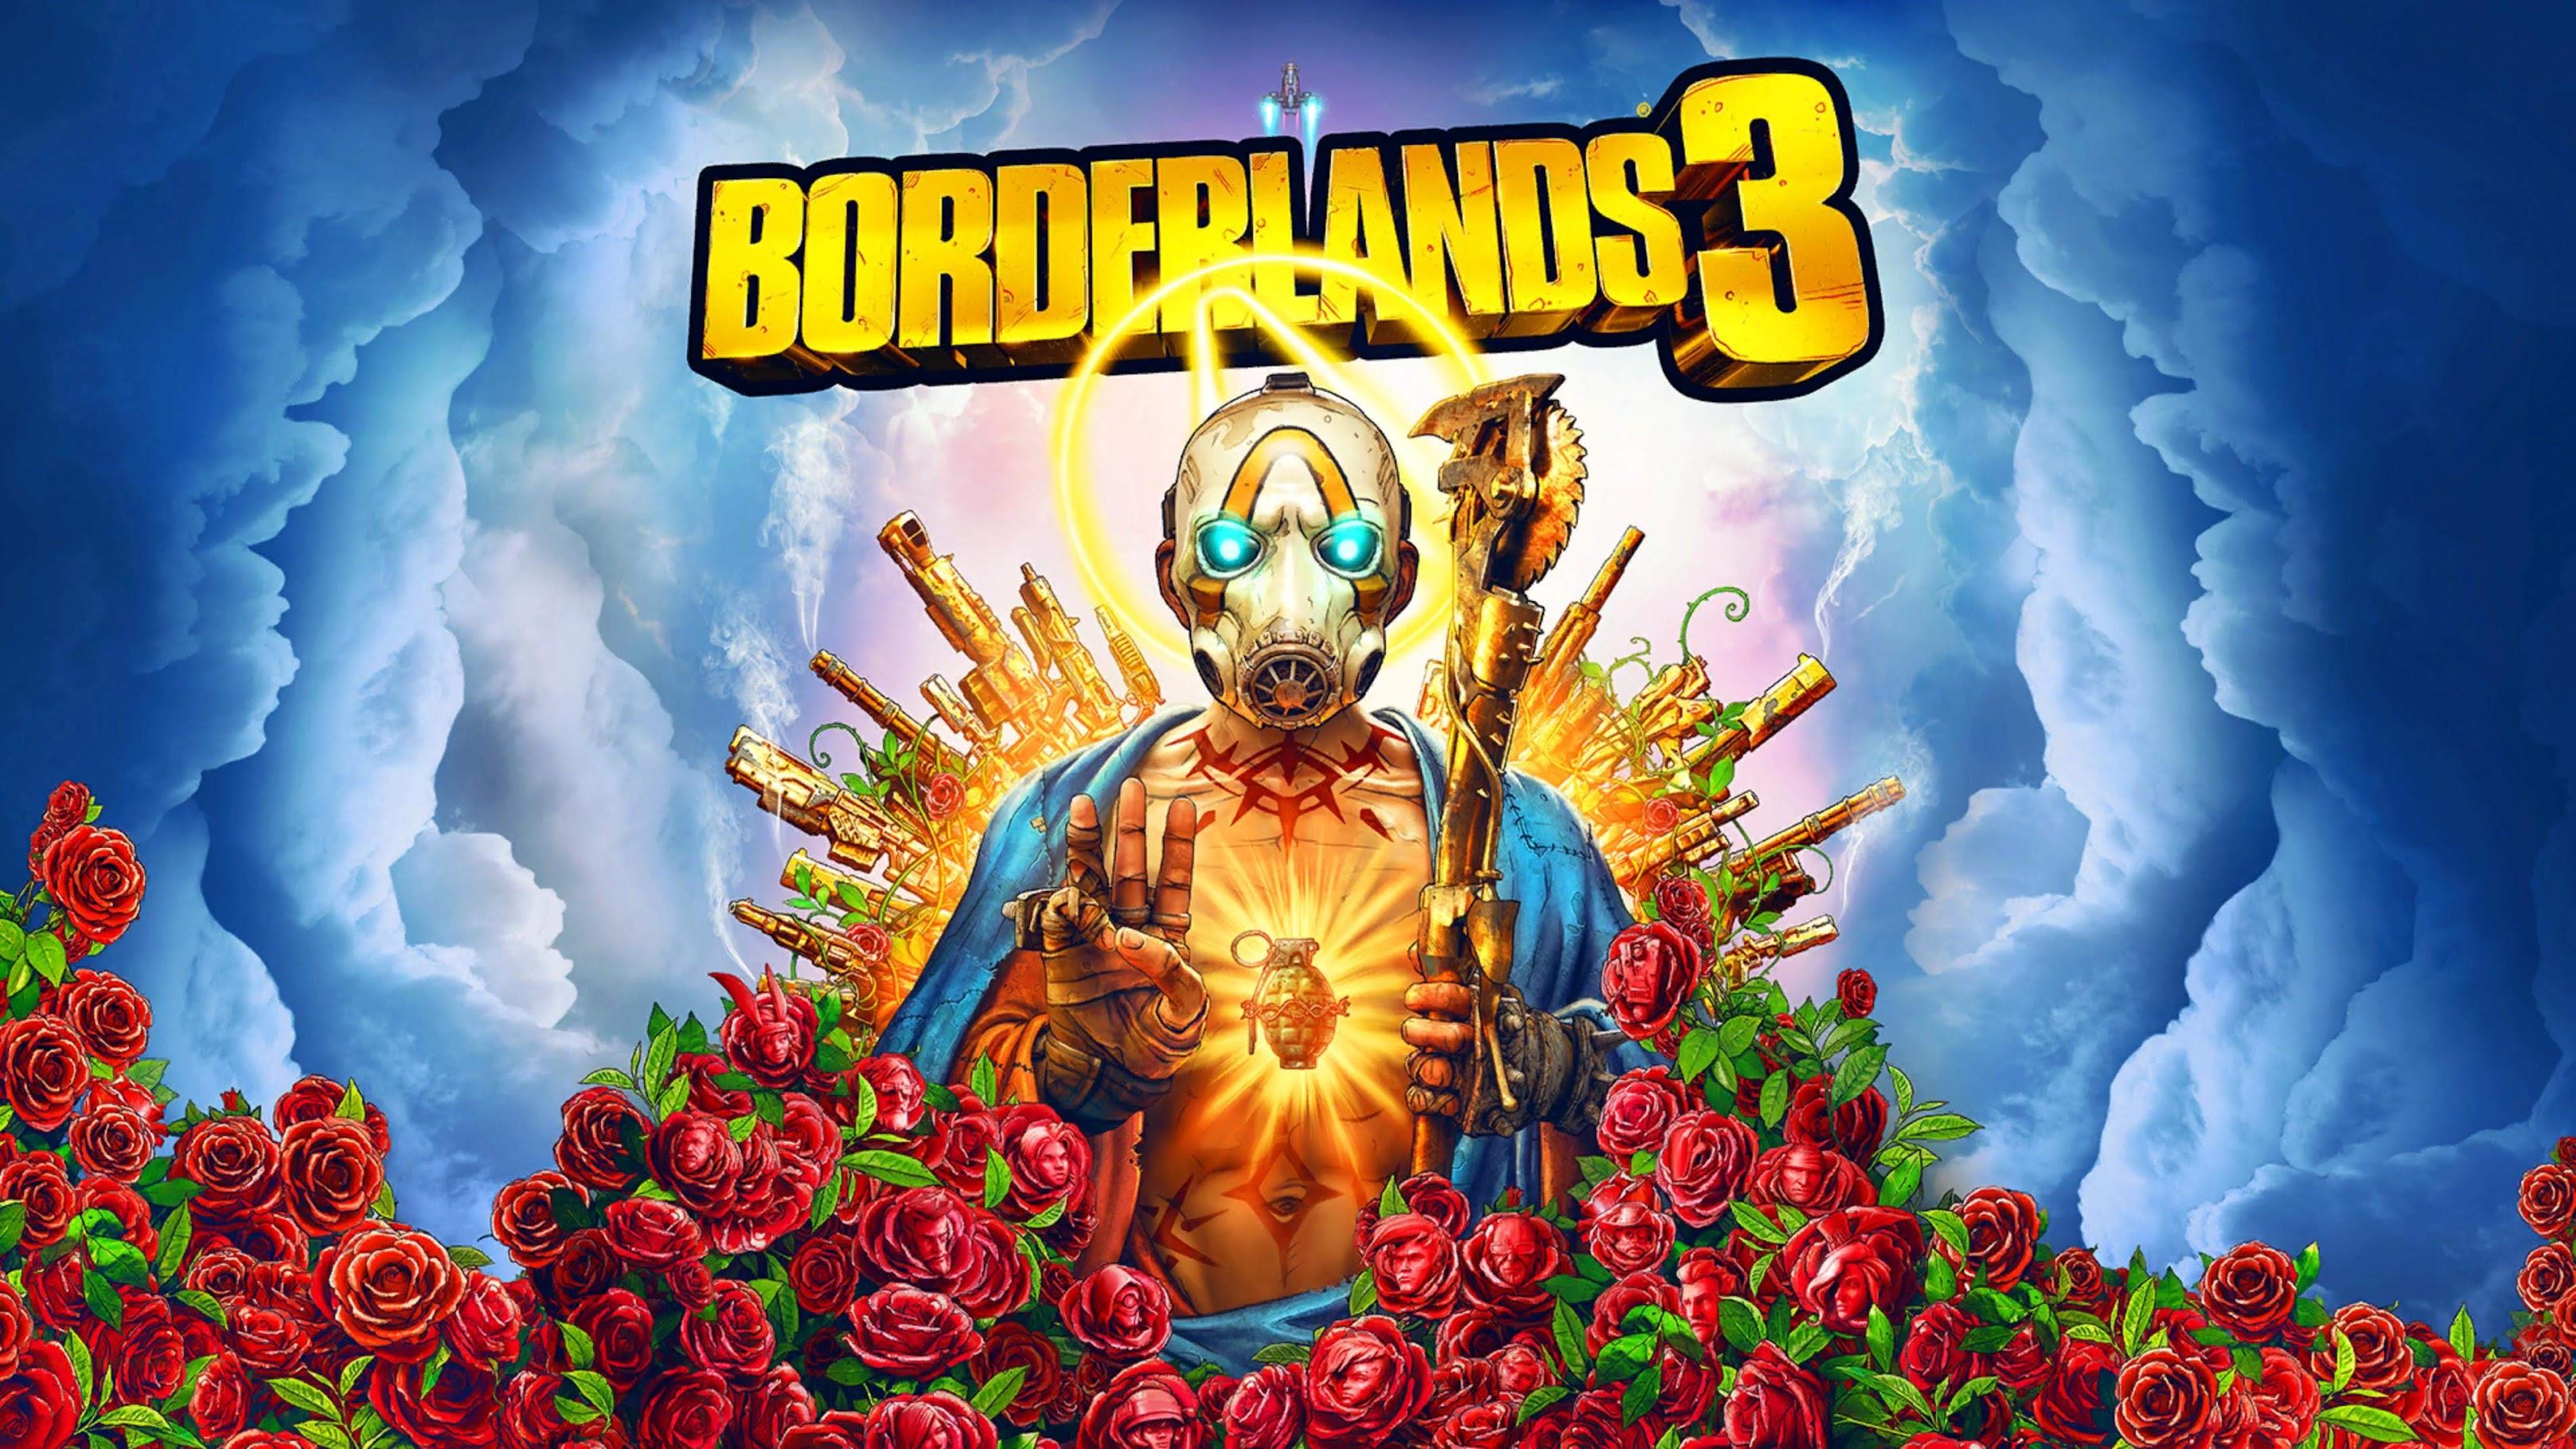 PS4 - Borderlands 3 その54 DLC第3弾 荒野のヴォルト・ハンター ~血だらけの懸賞金をつかめ!